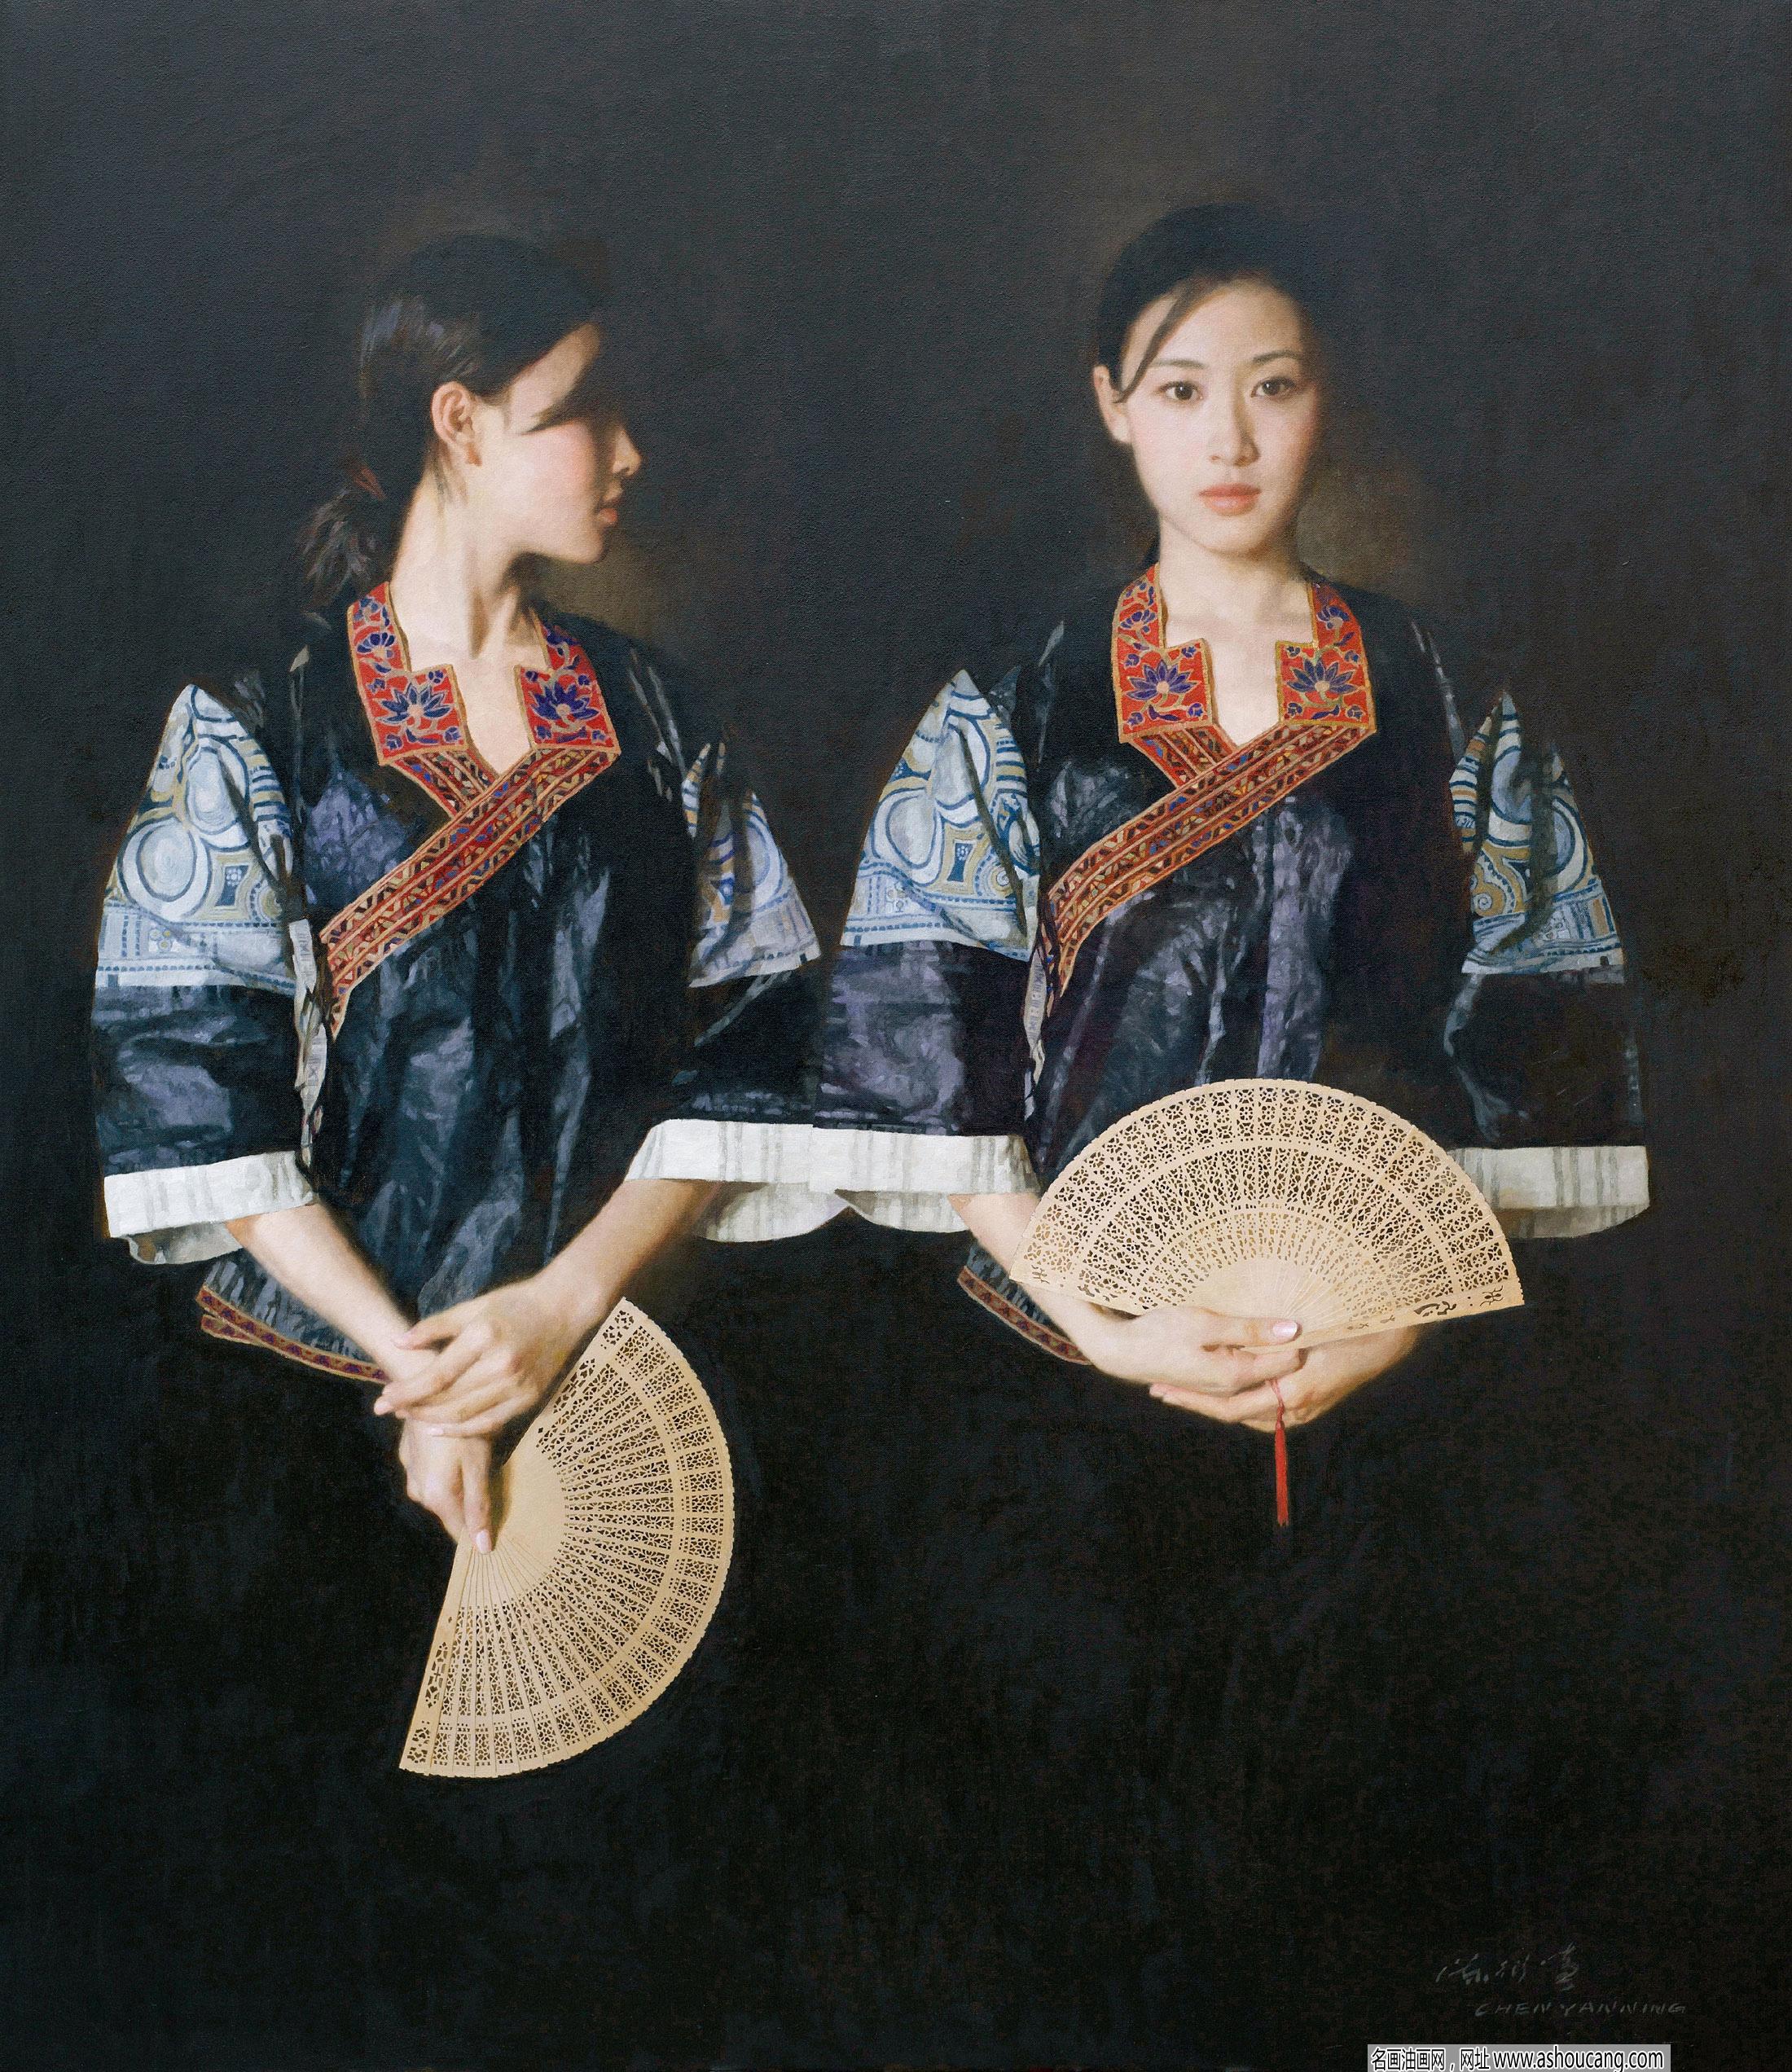 陈衍宁人物油画作品《远山的风采》 赏析 附高清大图